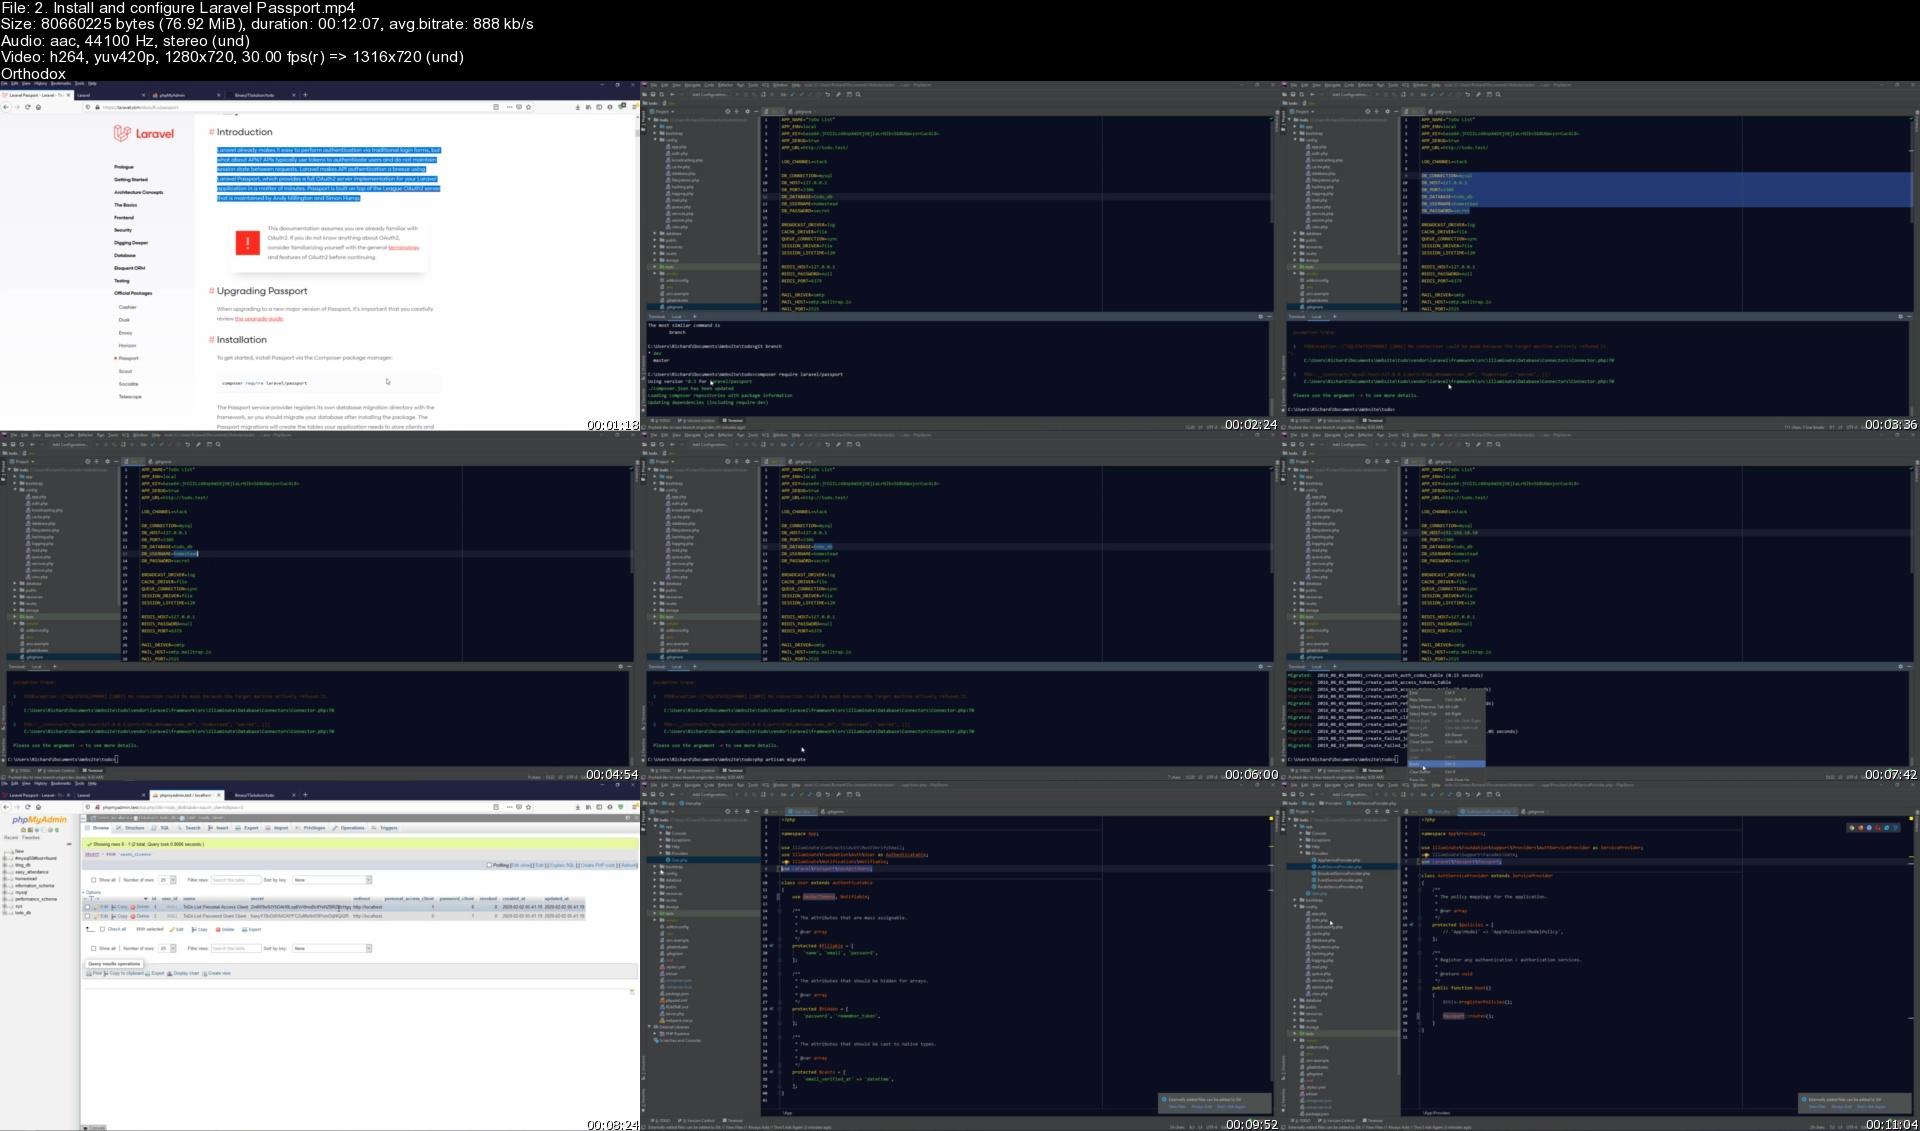 2.installandconfigure2dkpc.jpg